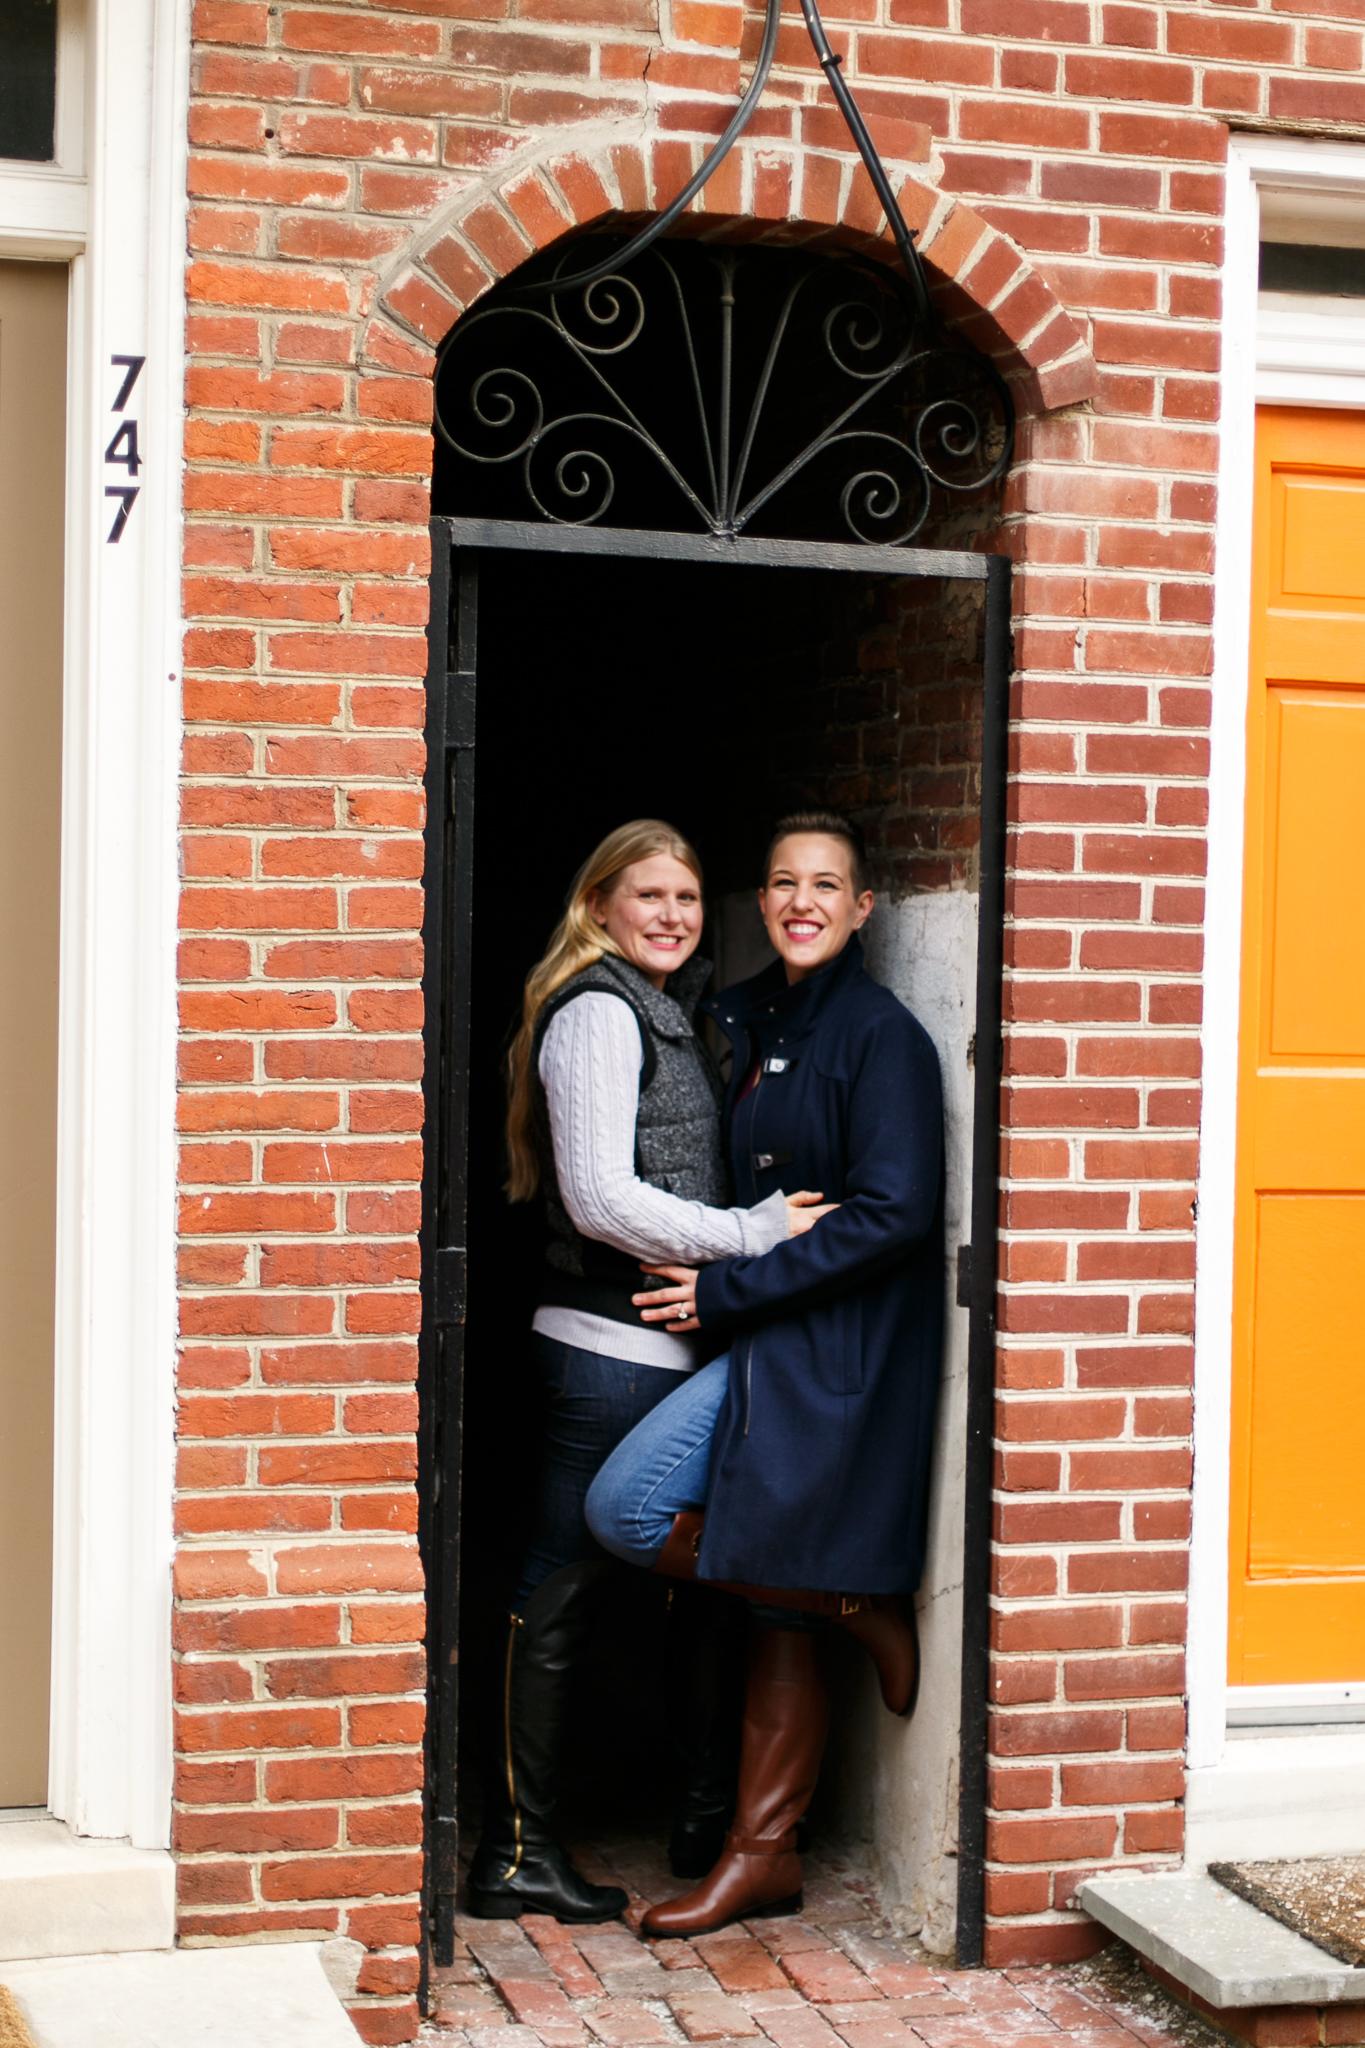 A&E South Street Engagement Shoot-49.jpg